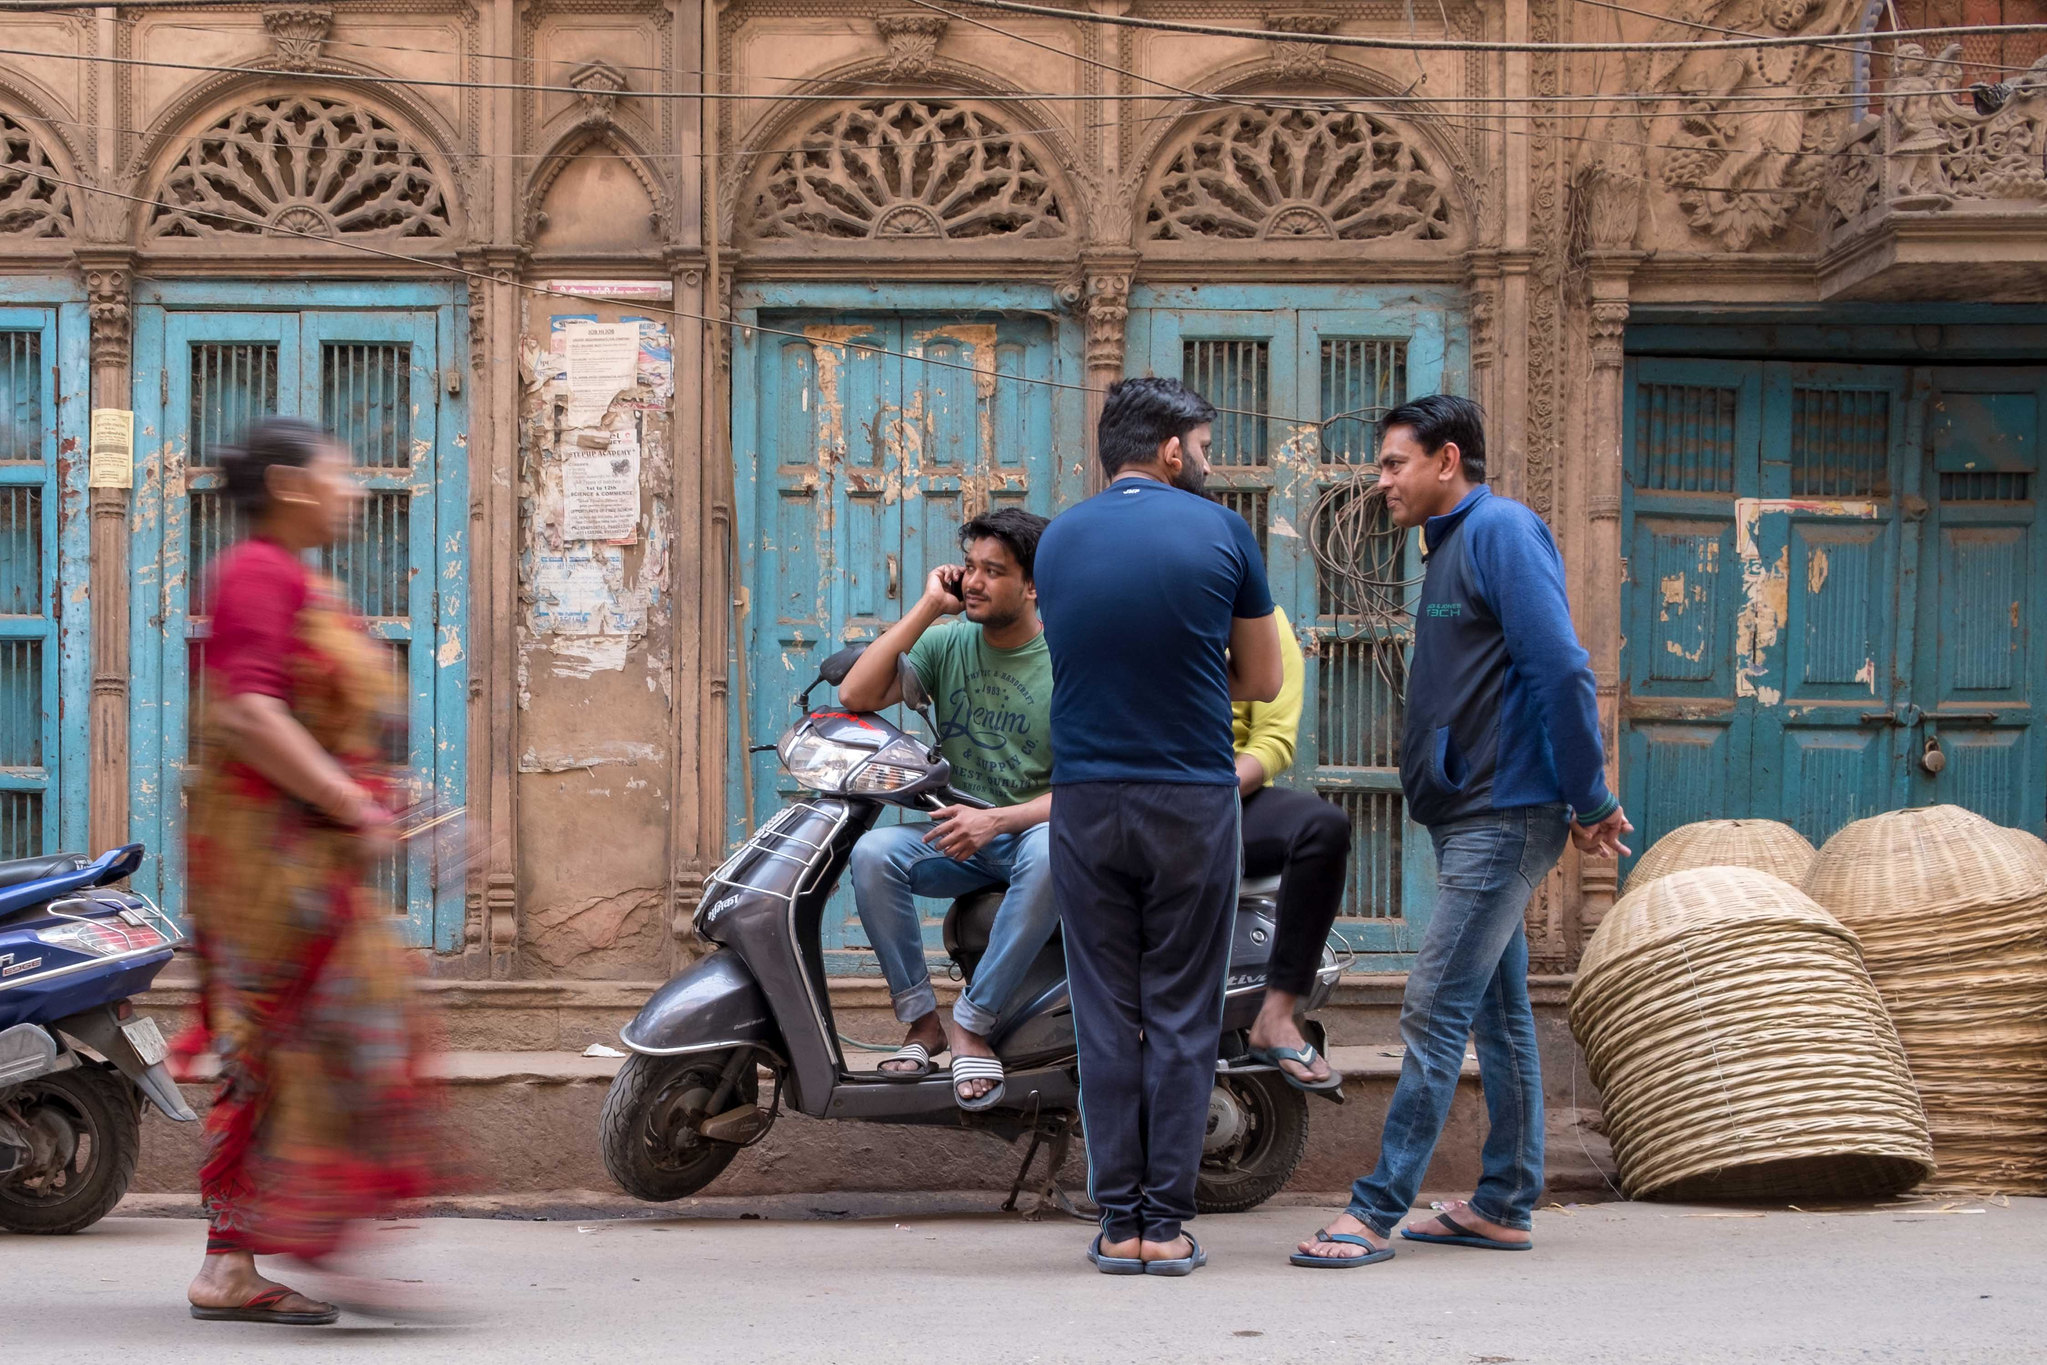 Street life in Old Delhi